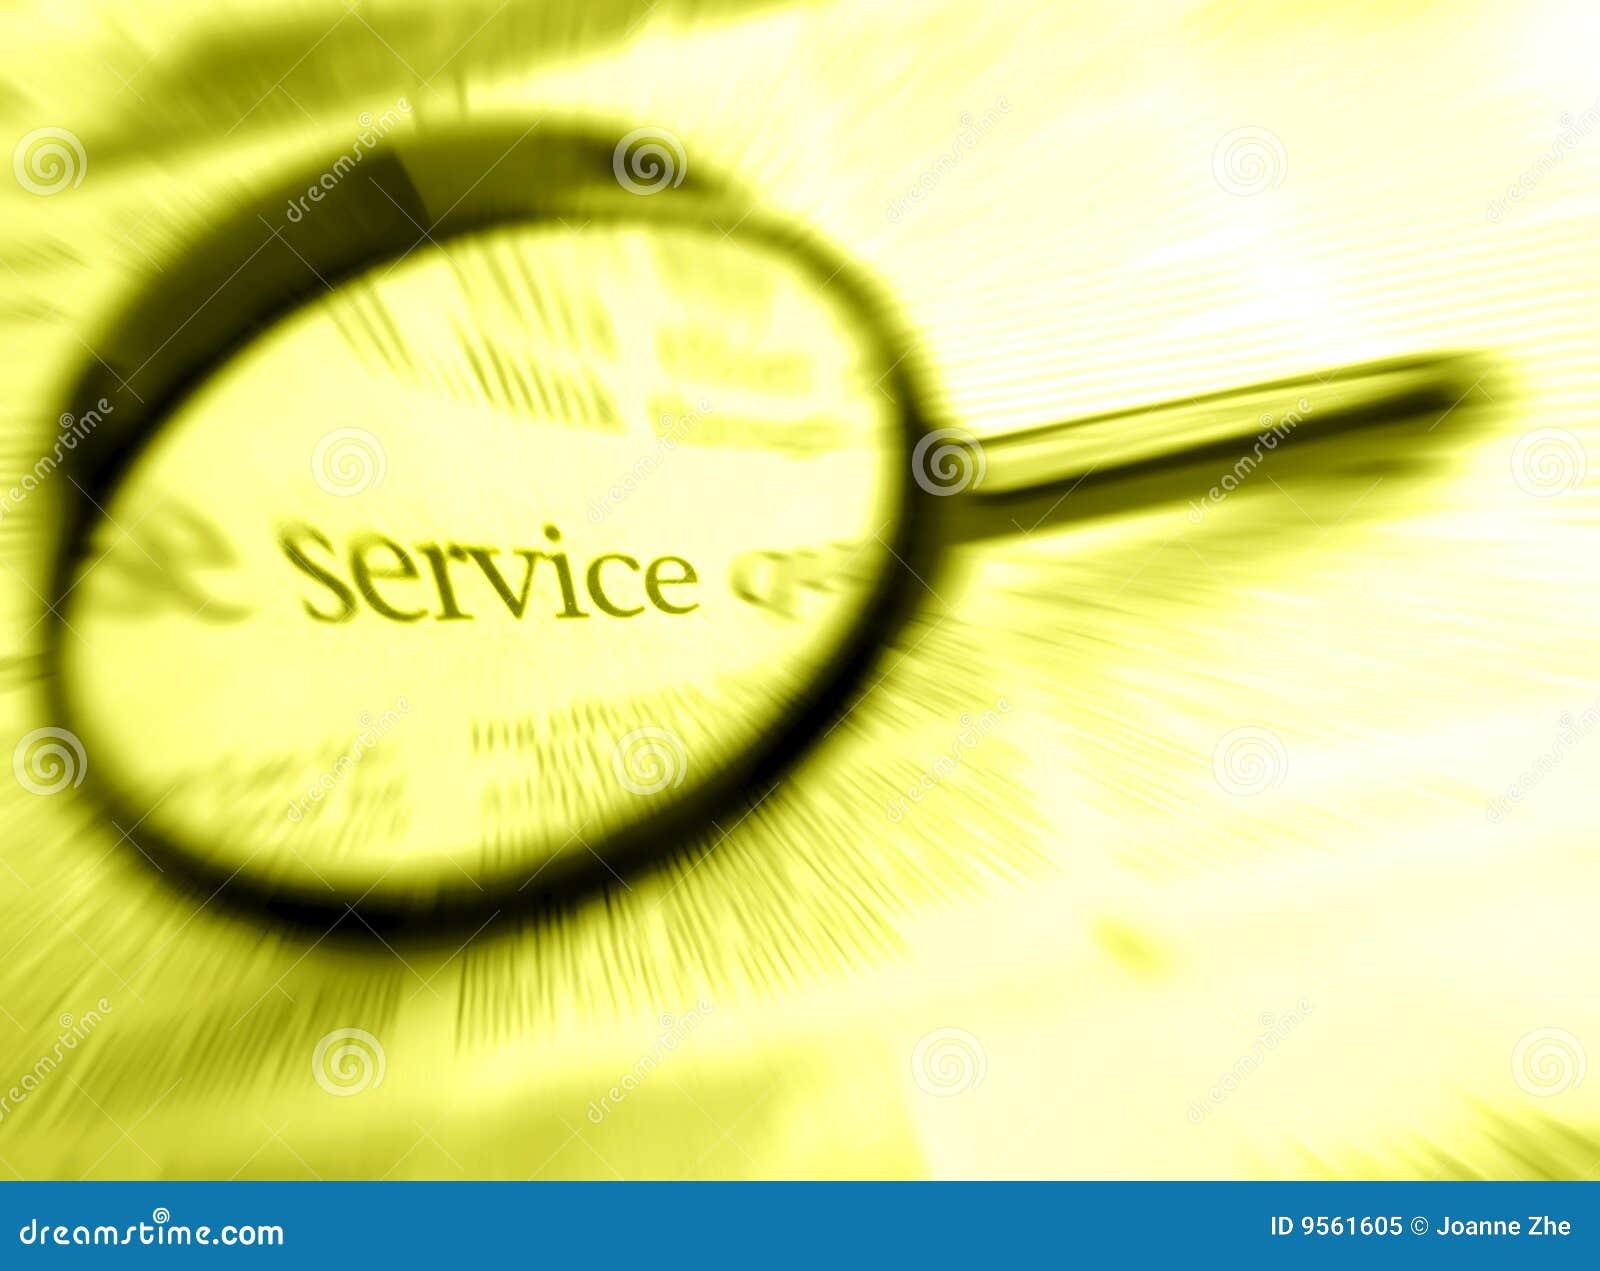 Recherche nach Wort Service mit Vergrößerungsglas